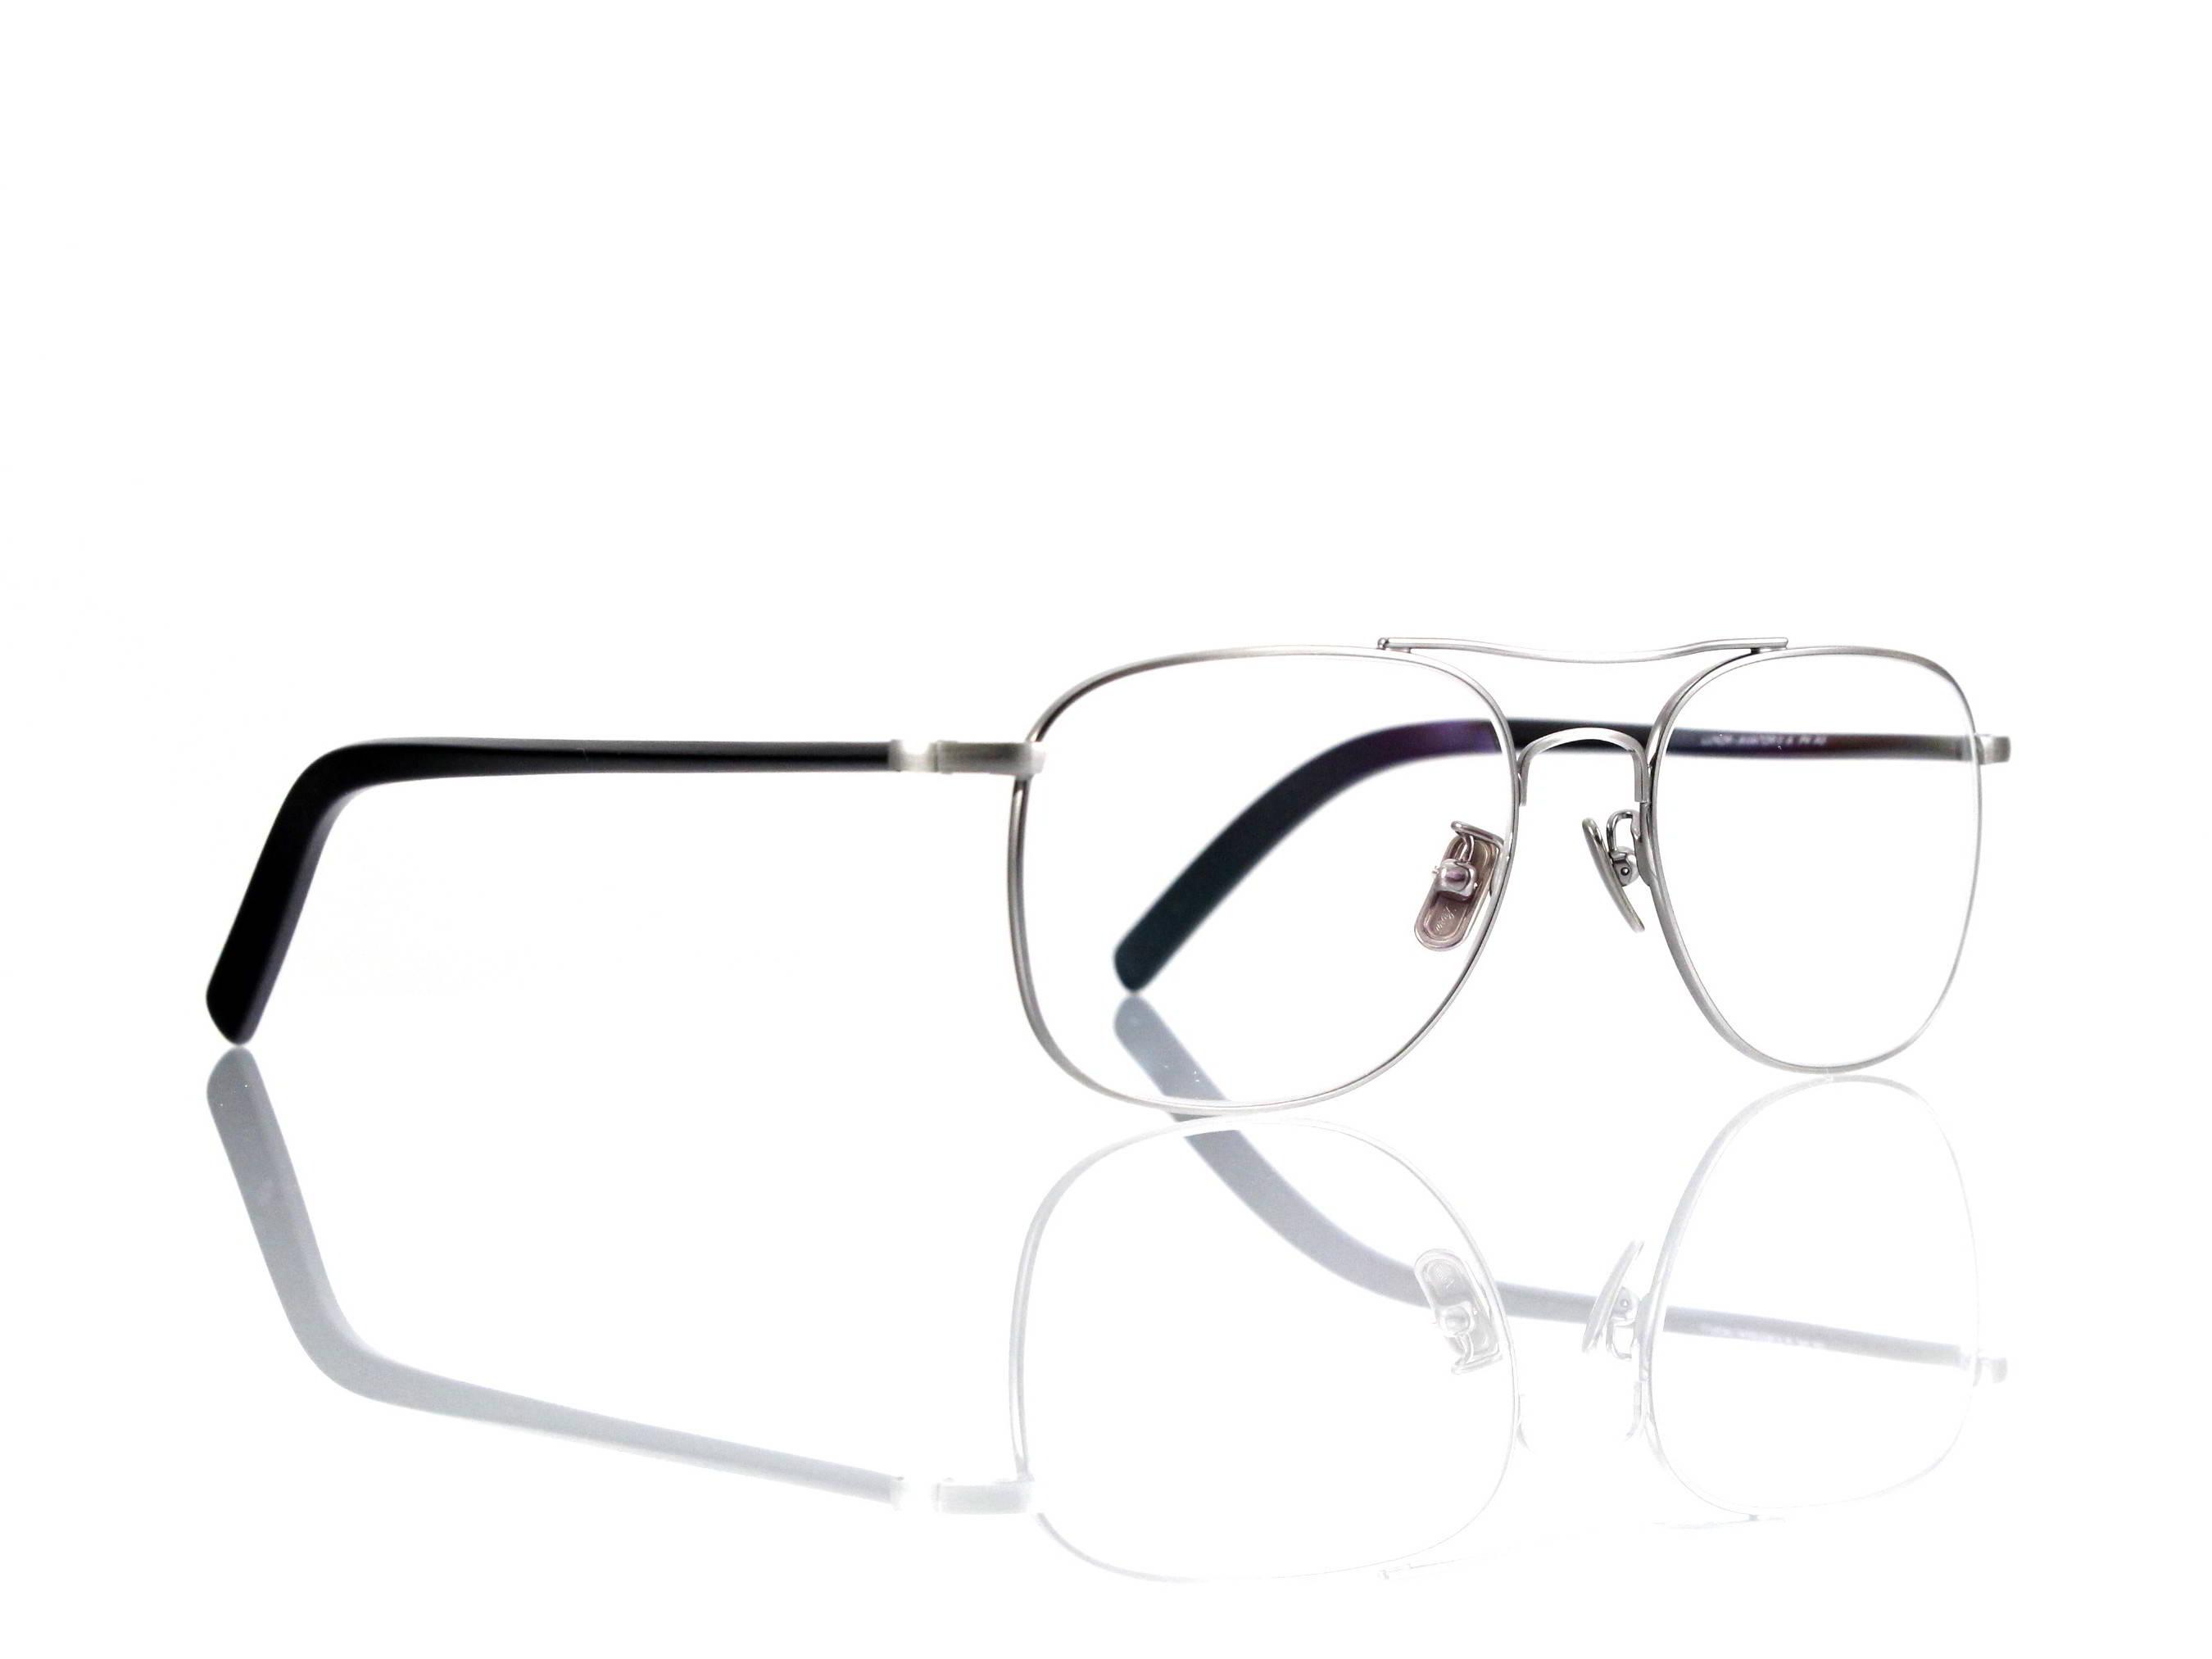 c7d4e219282 Blickpunkt-Brillen • Online-Shop • Damen • Brillen • Fassungen • Marke •  Hersteller • Lunor • Lunor Eyewear • Kollektion • Linie • Aviator II A ...